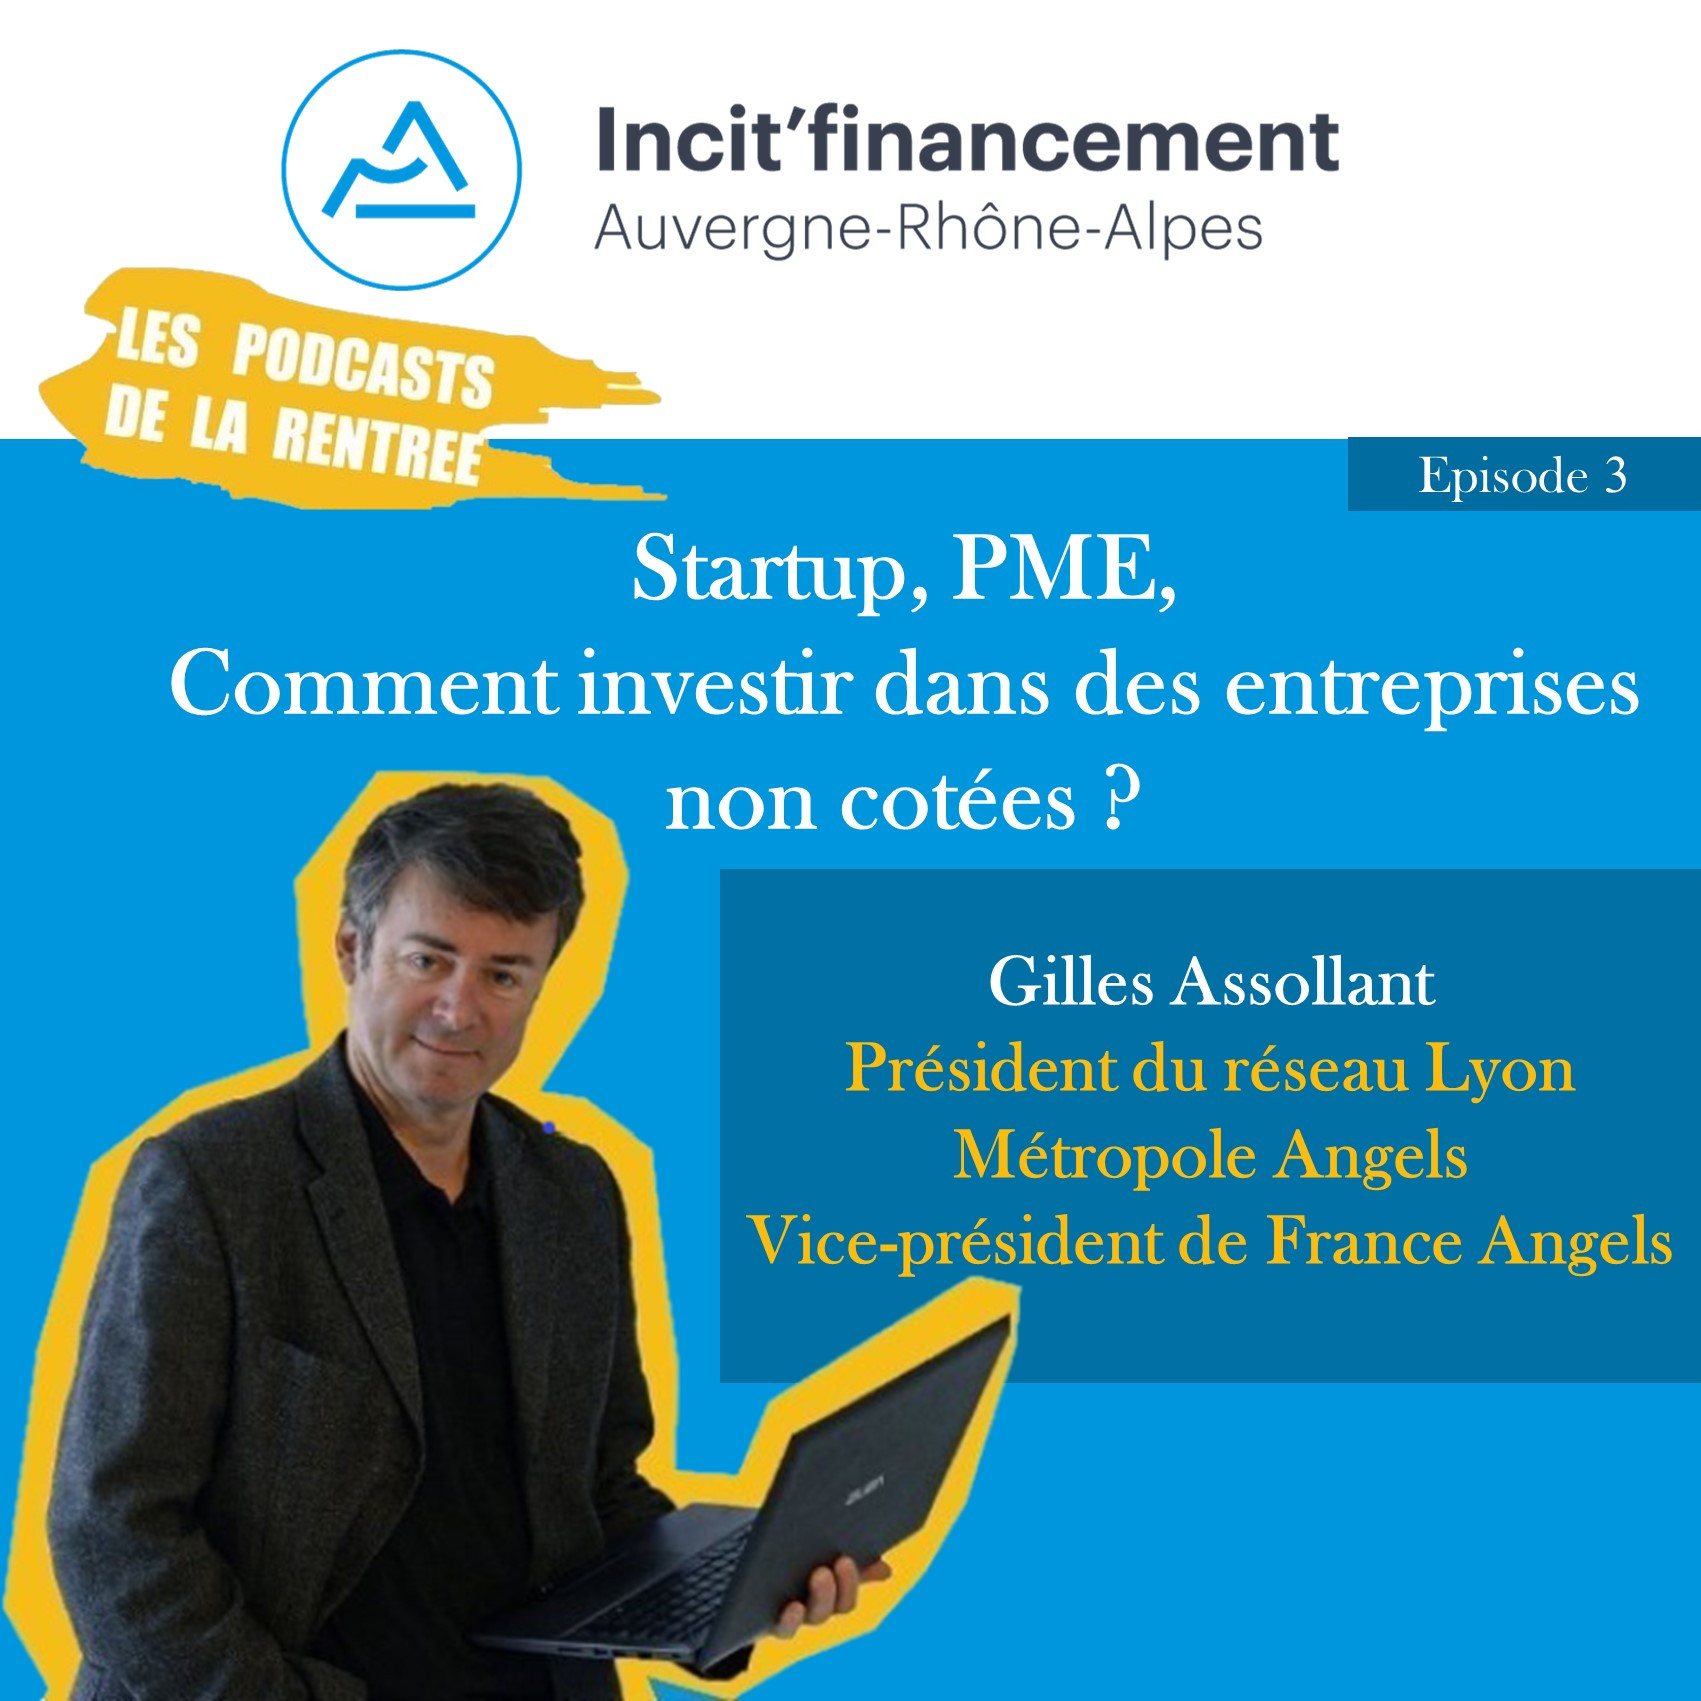 Episode 3 - Startup, PME, comment investir dans des entreprises non côtées - Gilles Assollant